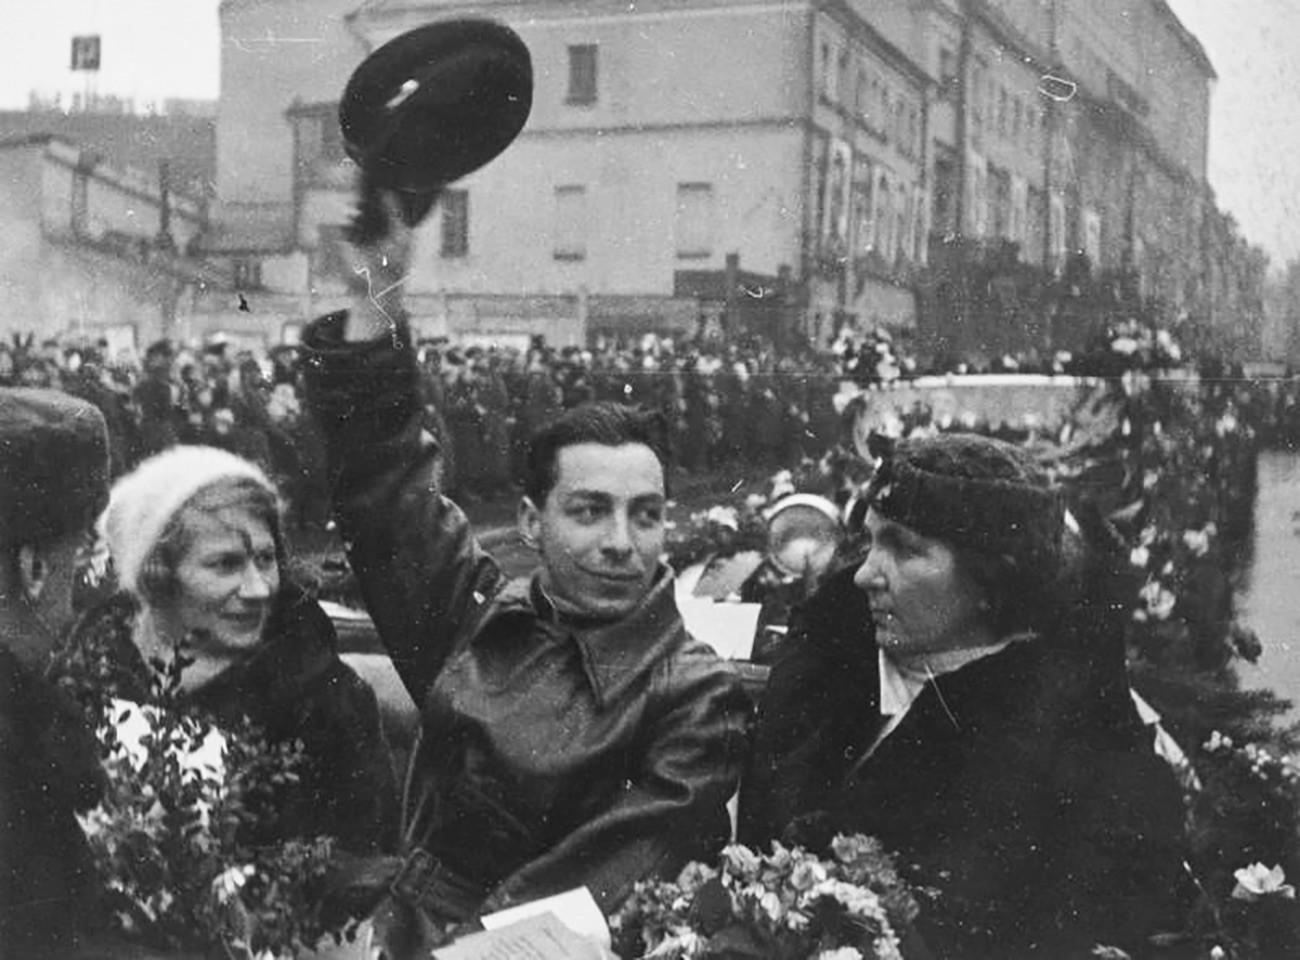 """Јевгениј Фјодоров у аутомобилу. Дочек Папањинових хероја у Москви. Данас је ово Мјасњицка улица у Москви. Станица """"Северни пол 1"""" званично је отвоена 6. јула 1937. Девет месеци касније, након 274 дана плутања према југу, станица се нашла у Гренландском мору. Санта леда је превалила преко 2.000 км."""